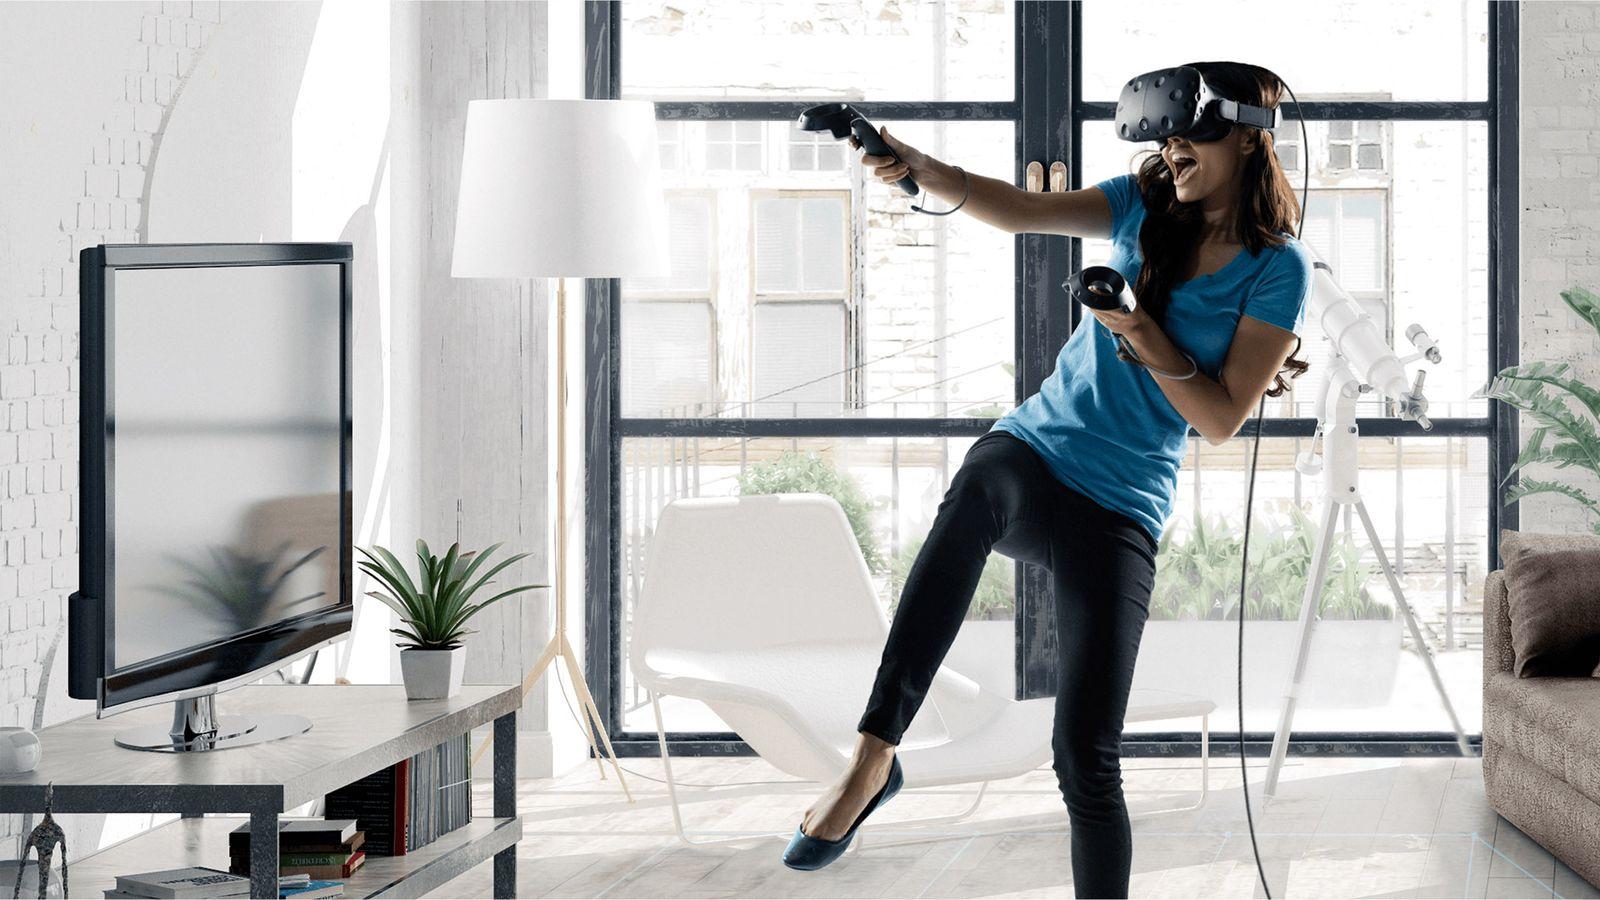 HTC Vive Enters India- techniblogic